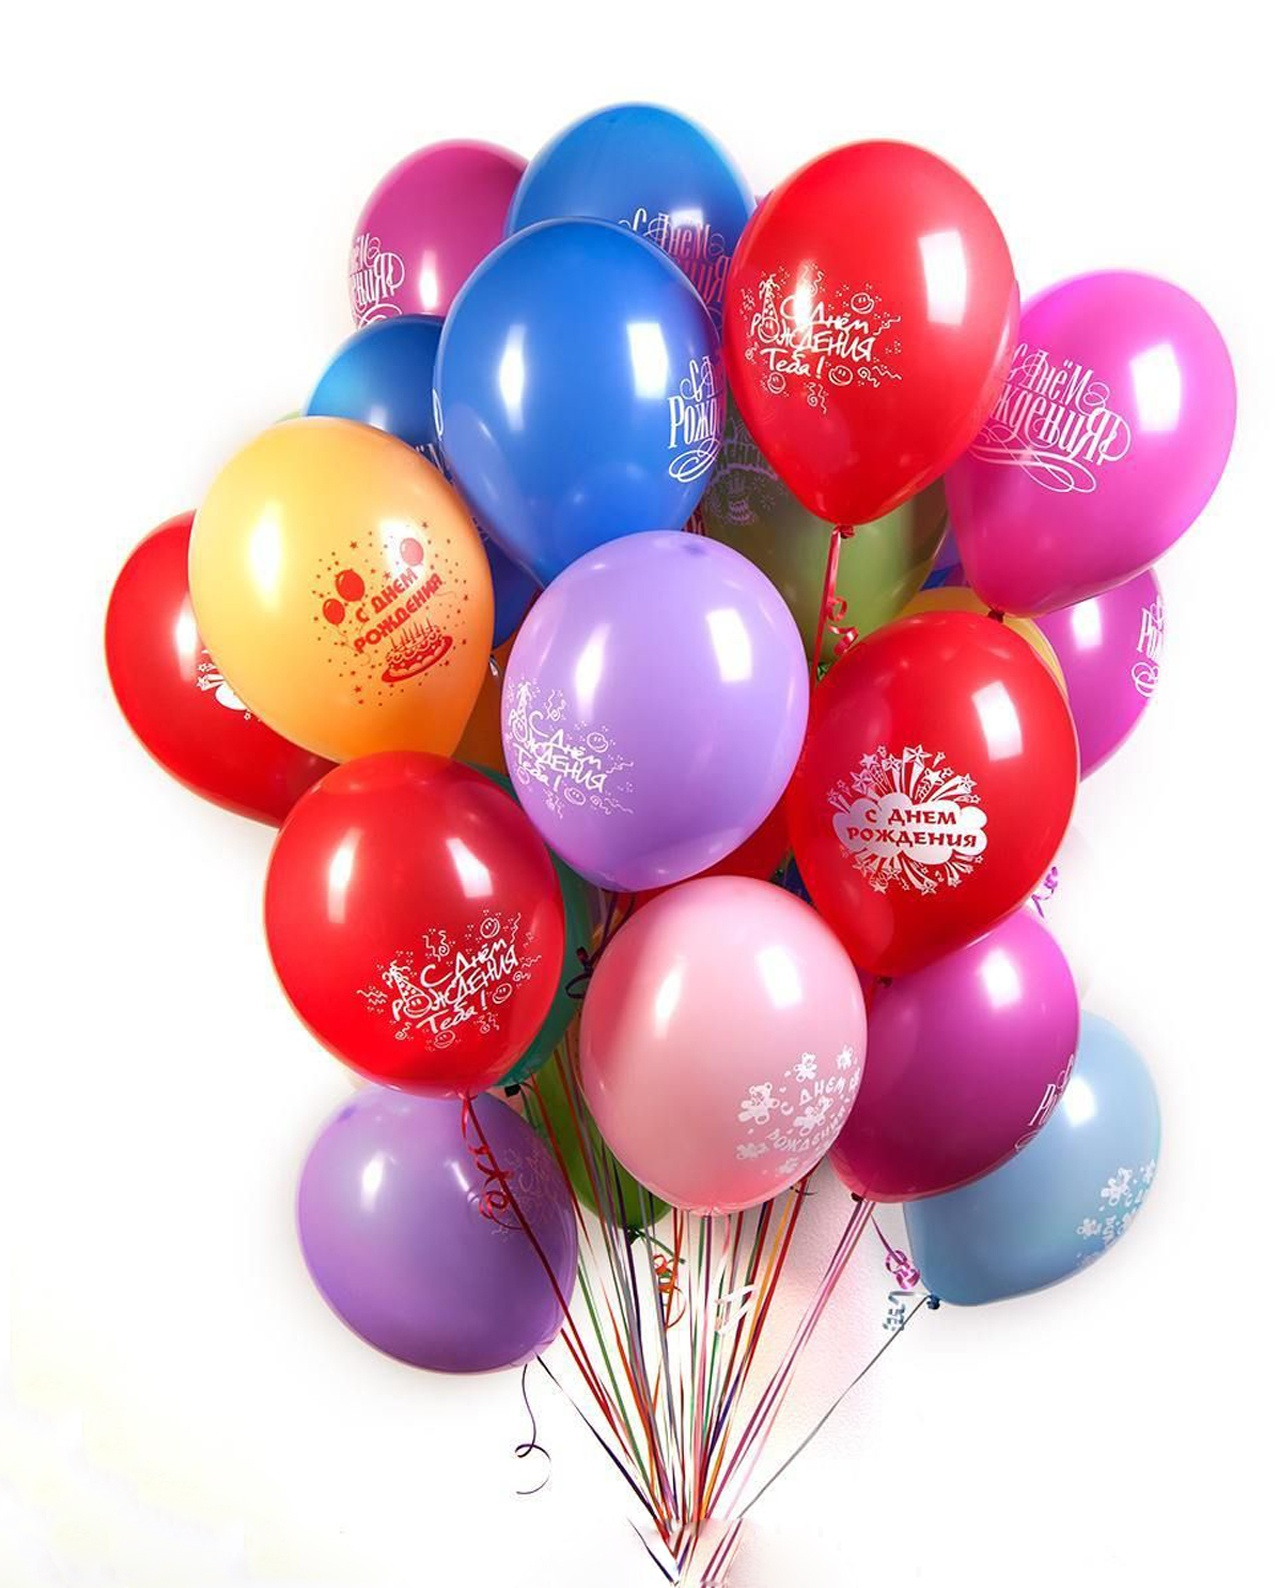 Картинка с шариками воздушными с днем рождения, поздравления день